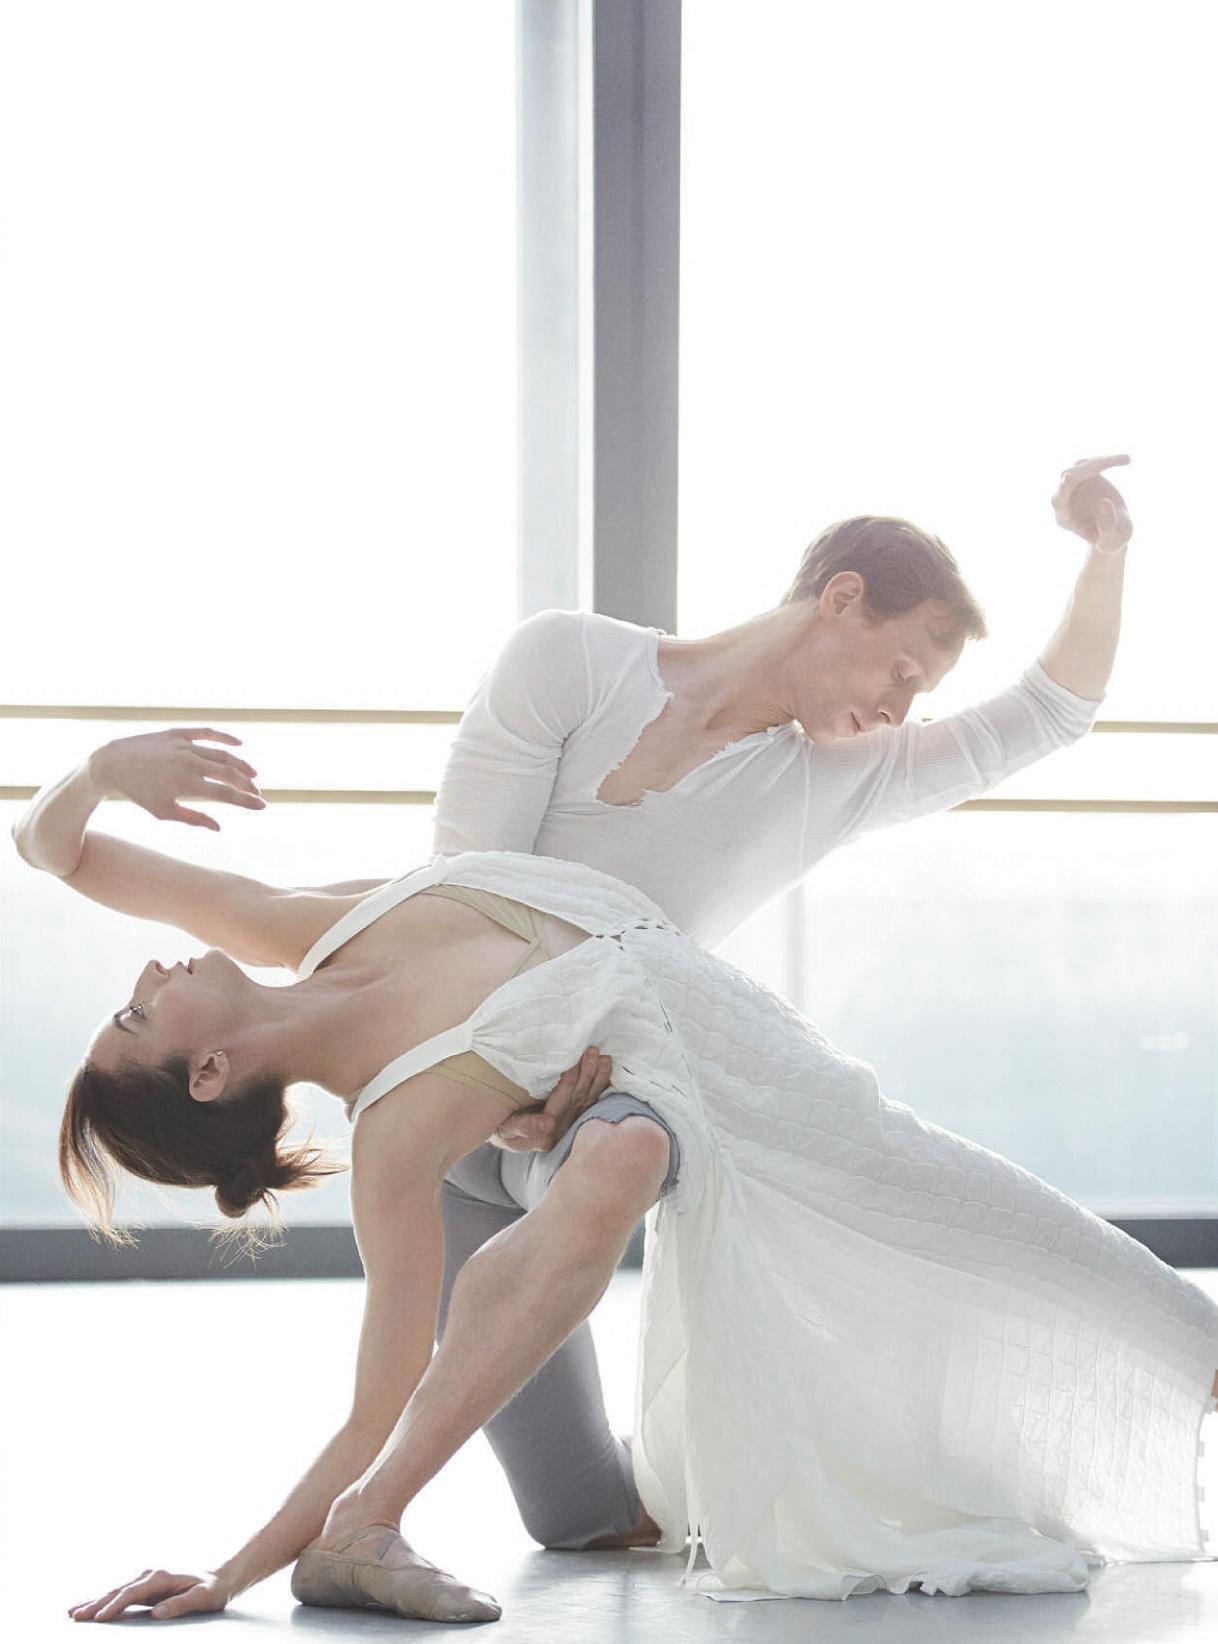 El Royal Ballet de Gran Bretaña en una editorial de moda, 2014